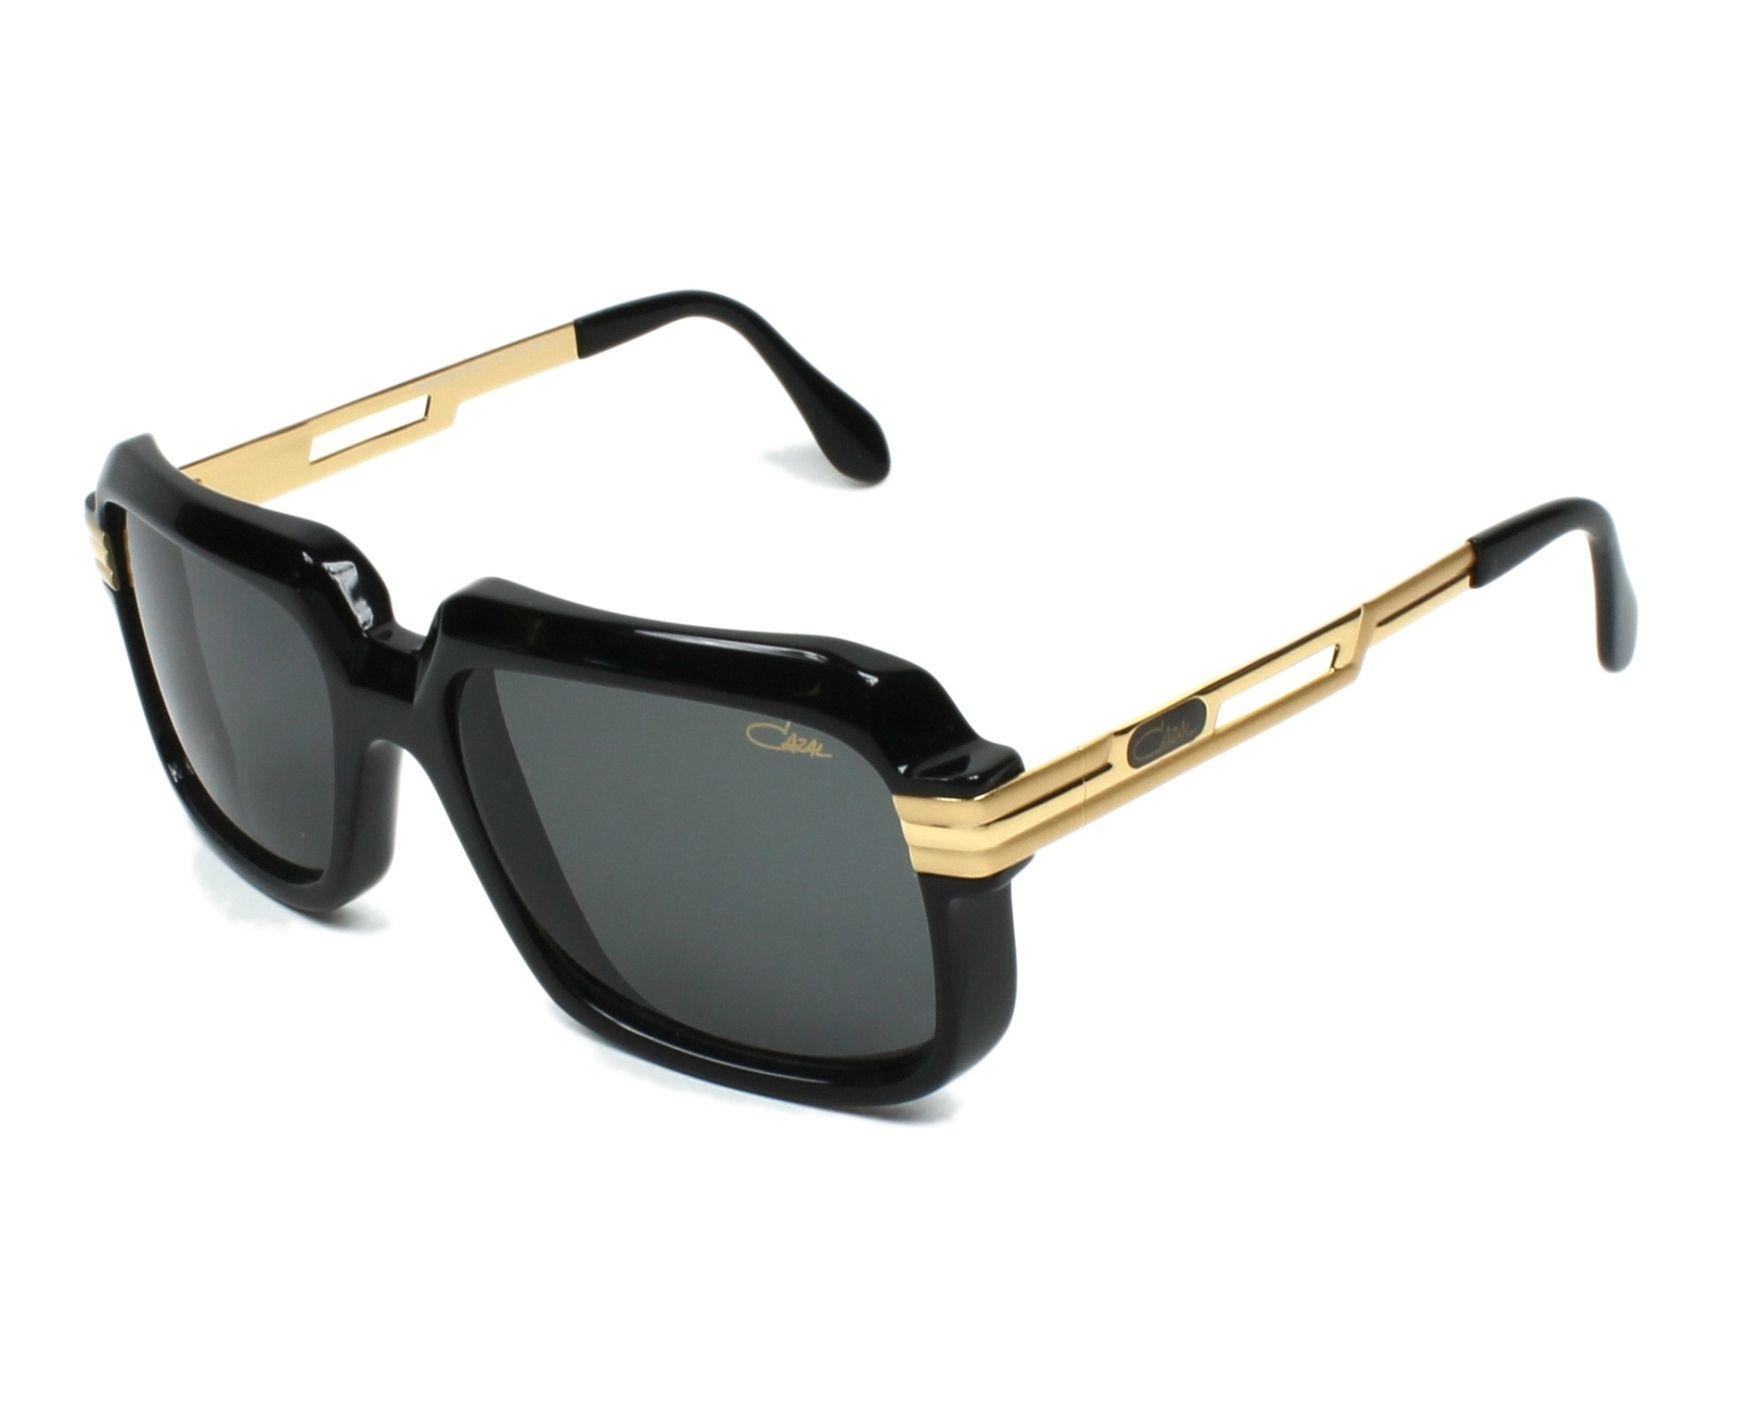 lunettes de soleil cazal 607 2 3 001 noir avec des verres. Black Bedroom Furniture Sets. Home Design Ideas